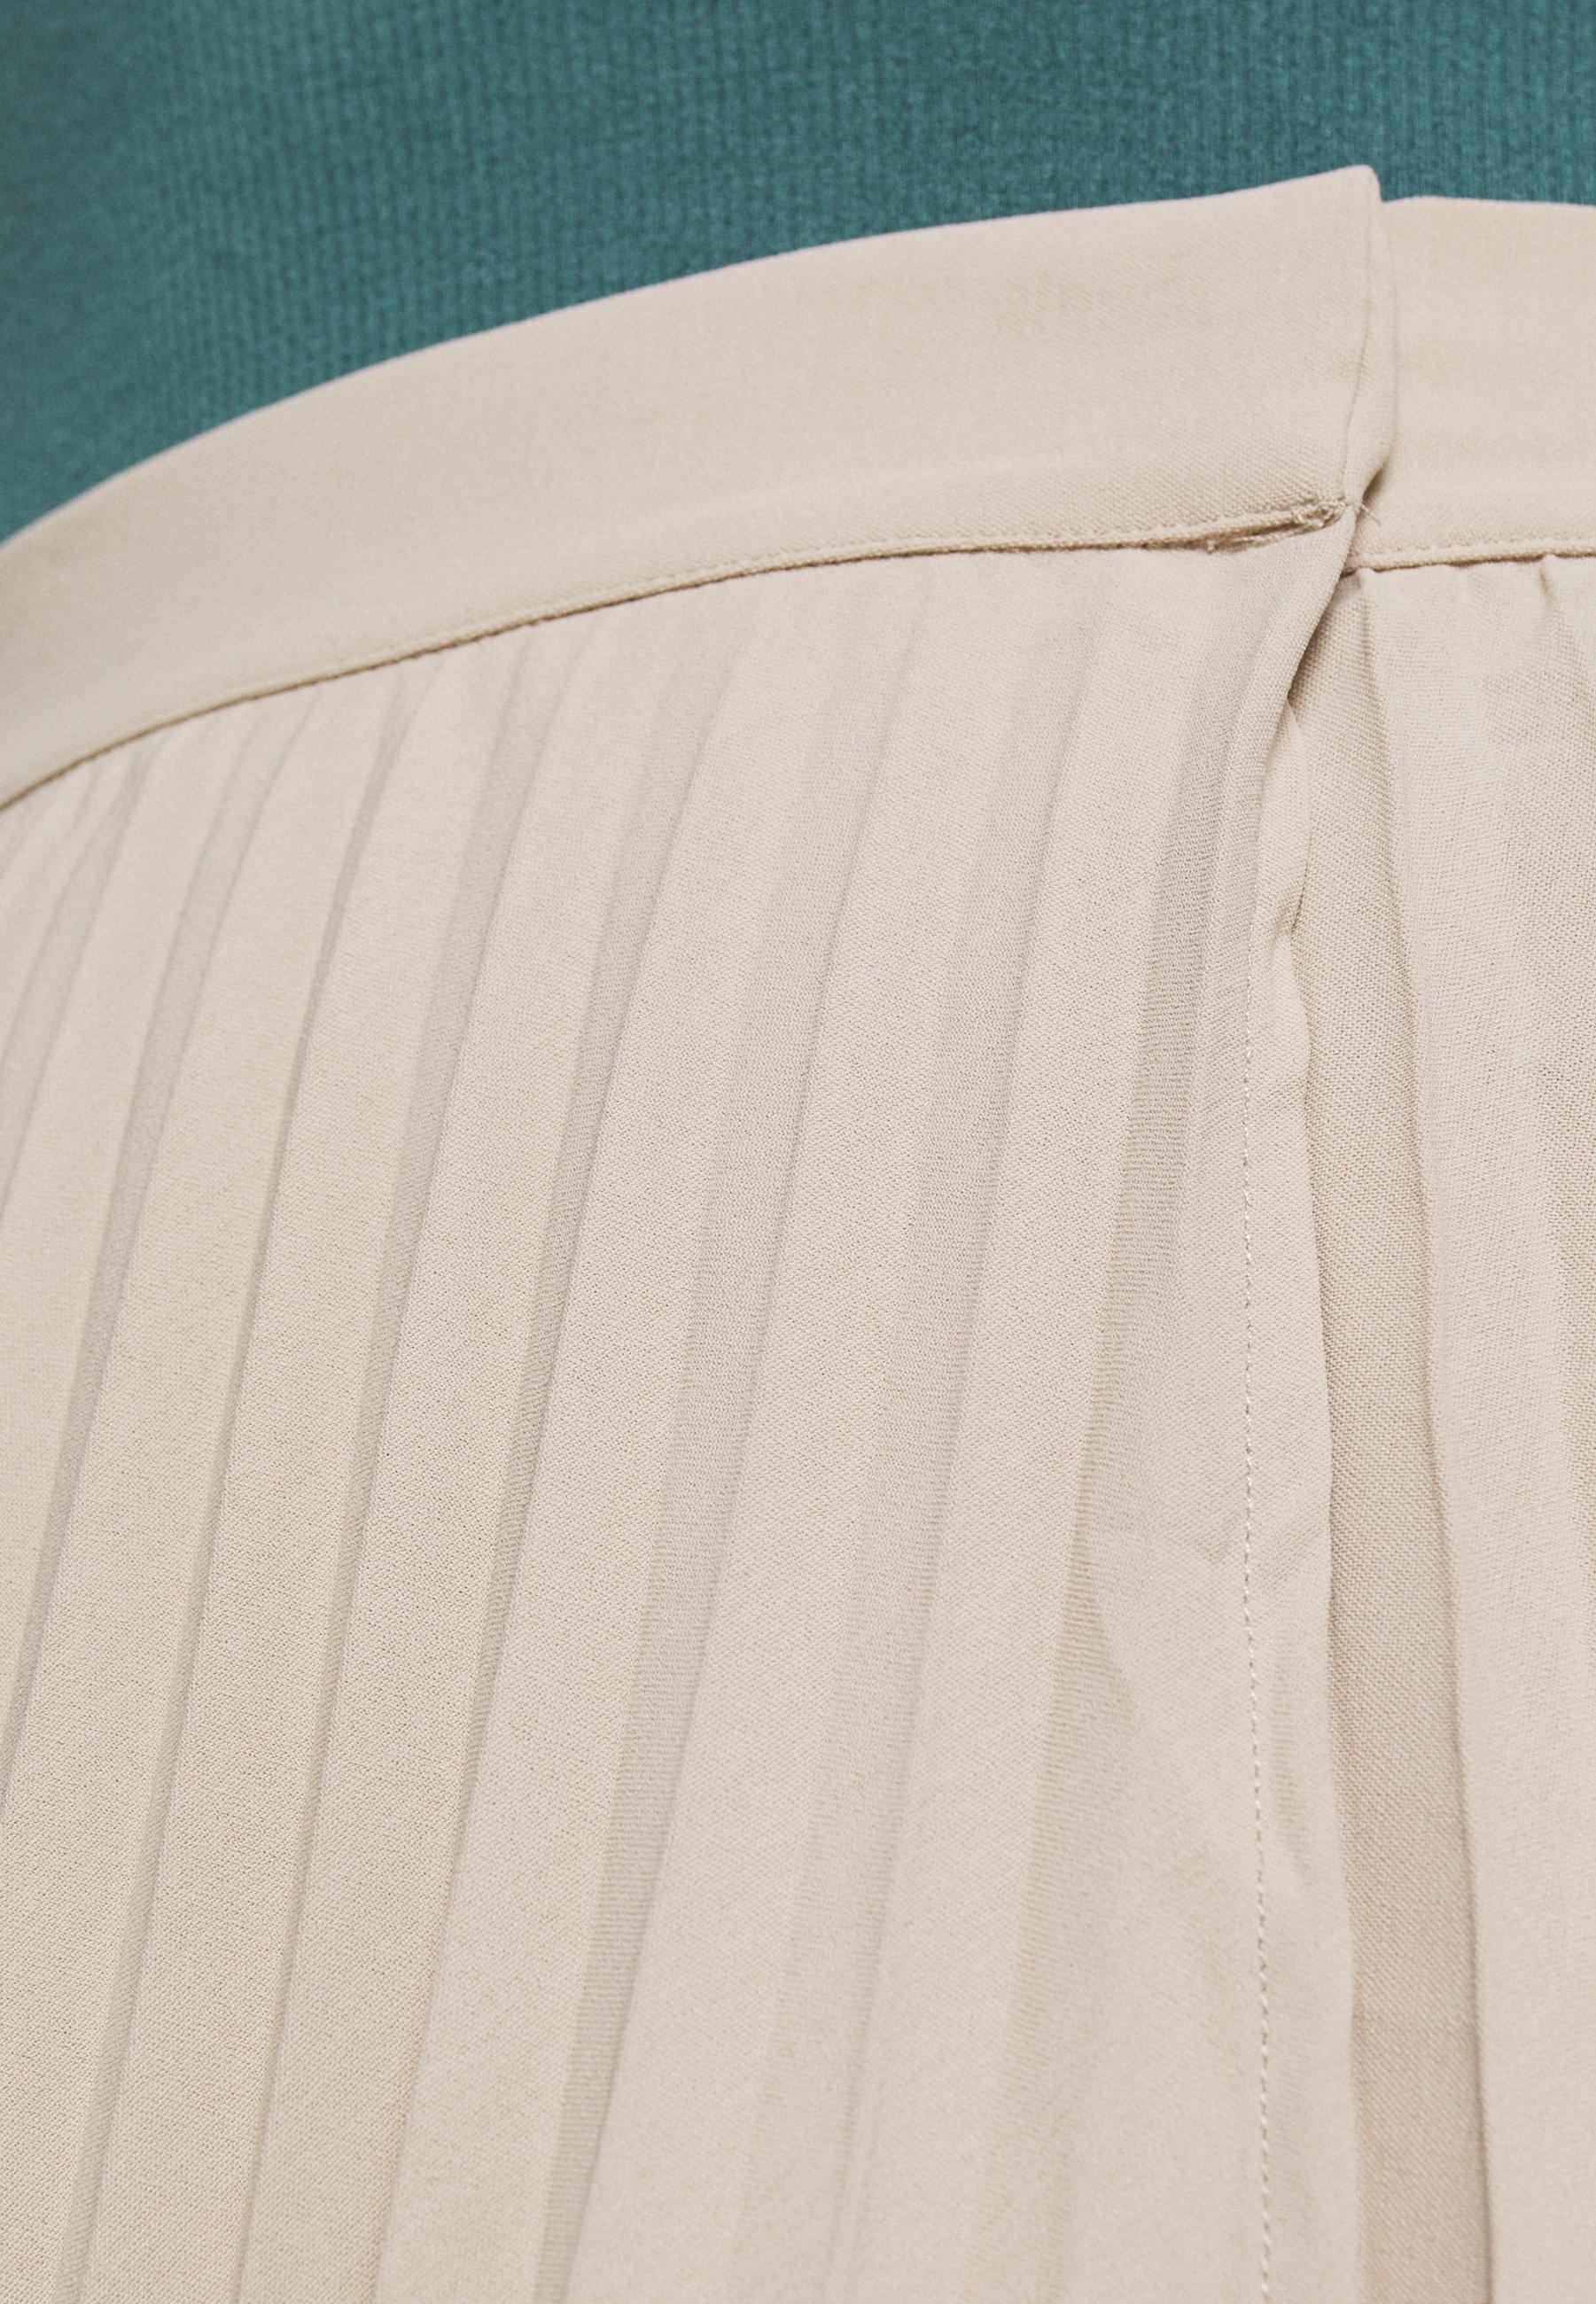 Descuento Ropa de mujer EDITED NORA SKIRT Falda acampanada beige C1WaPL